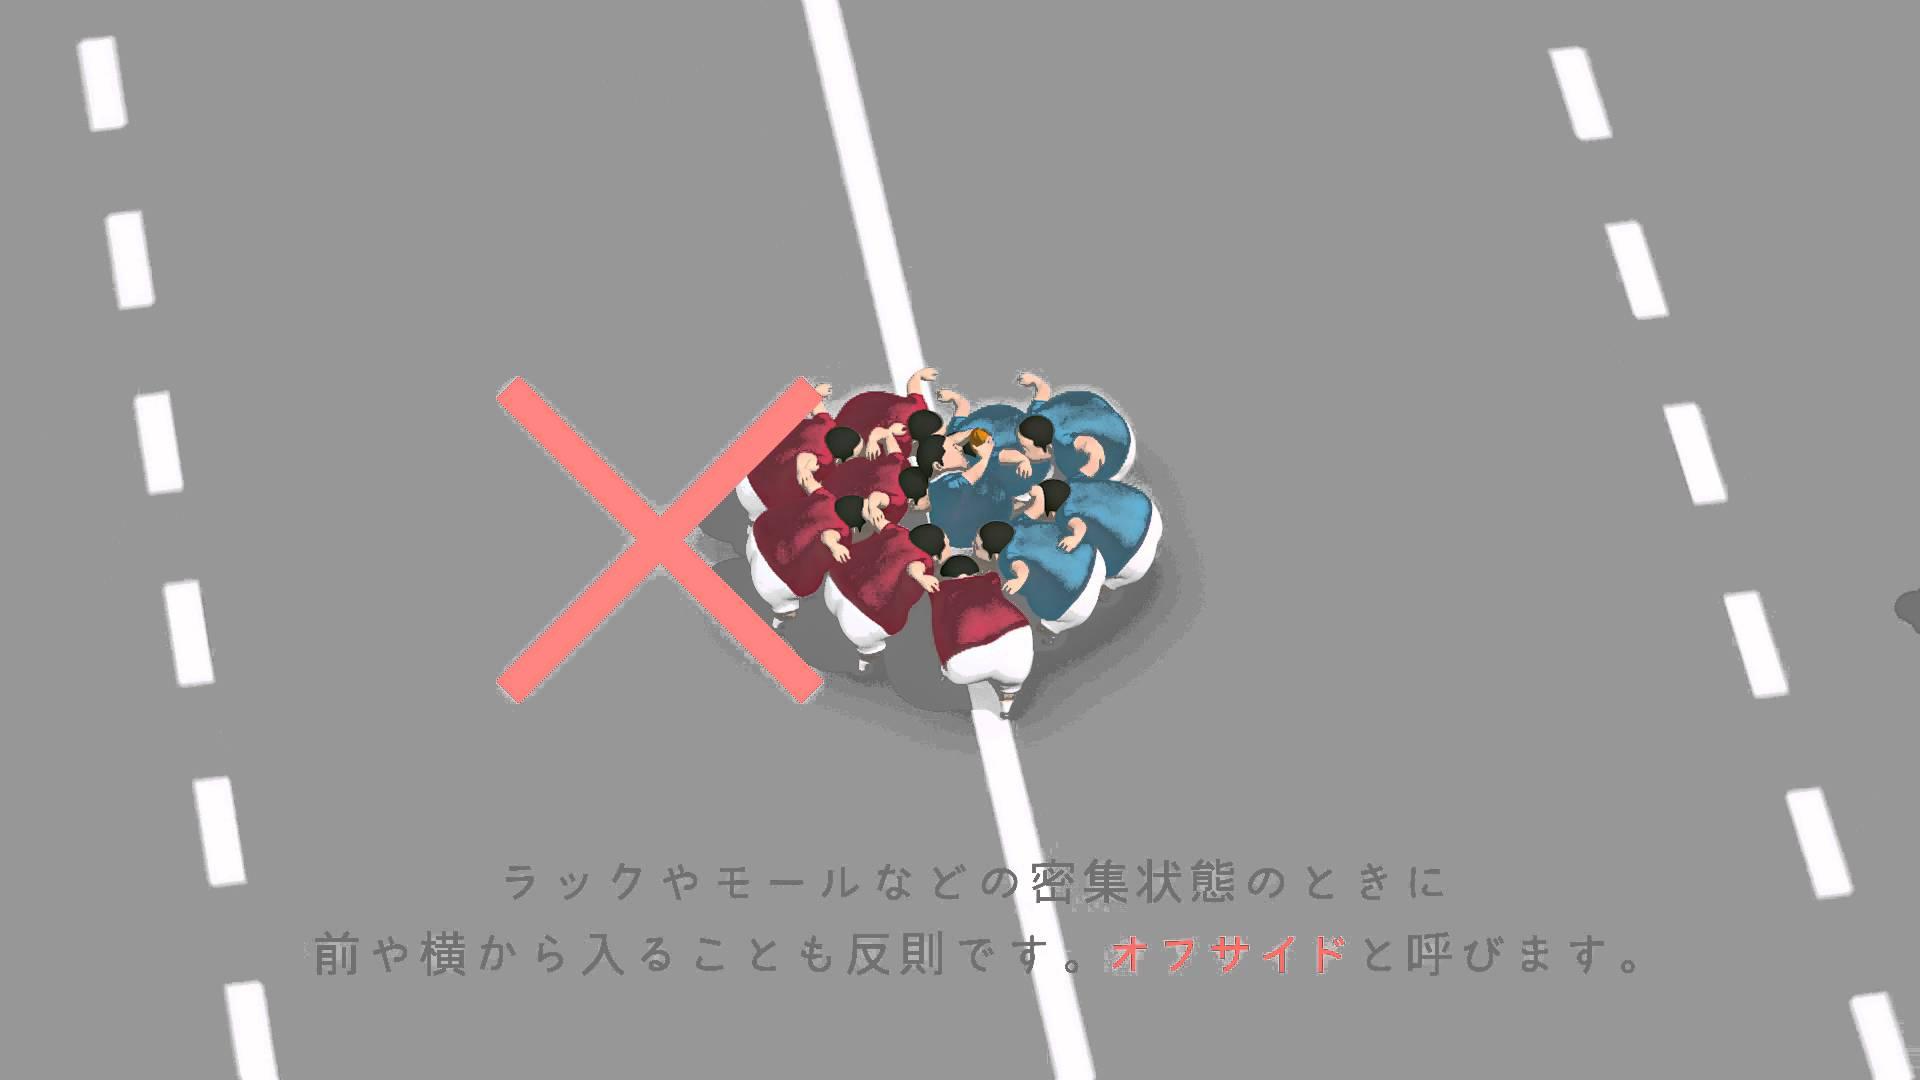 ラグビーのルール <第2巻 ズルだめ篇> feat. Kishiboy